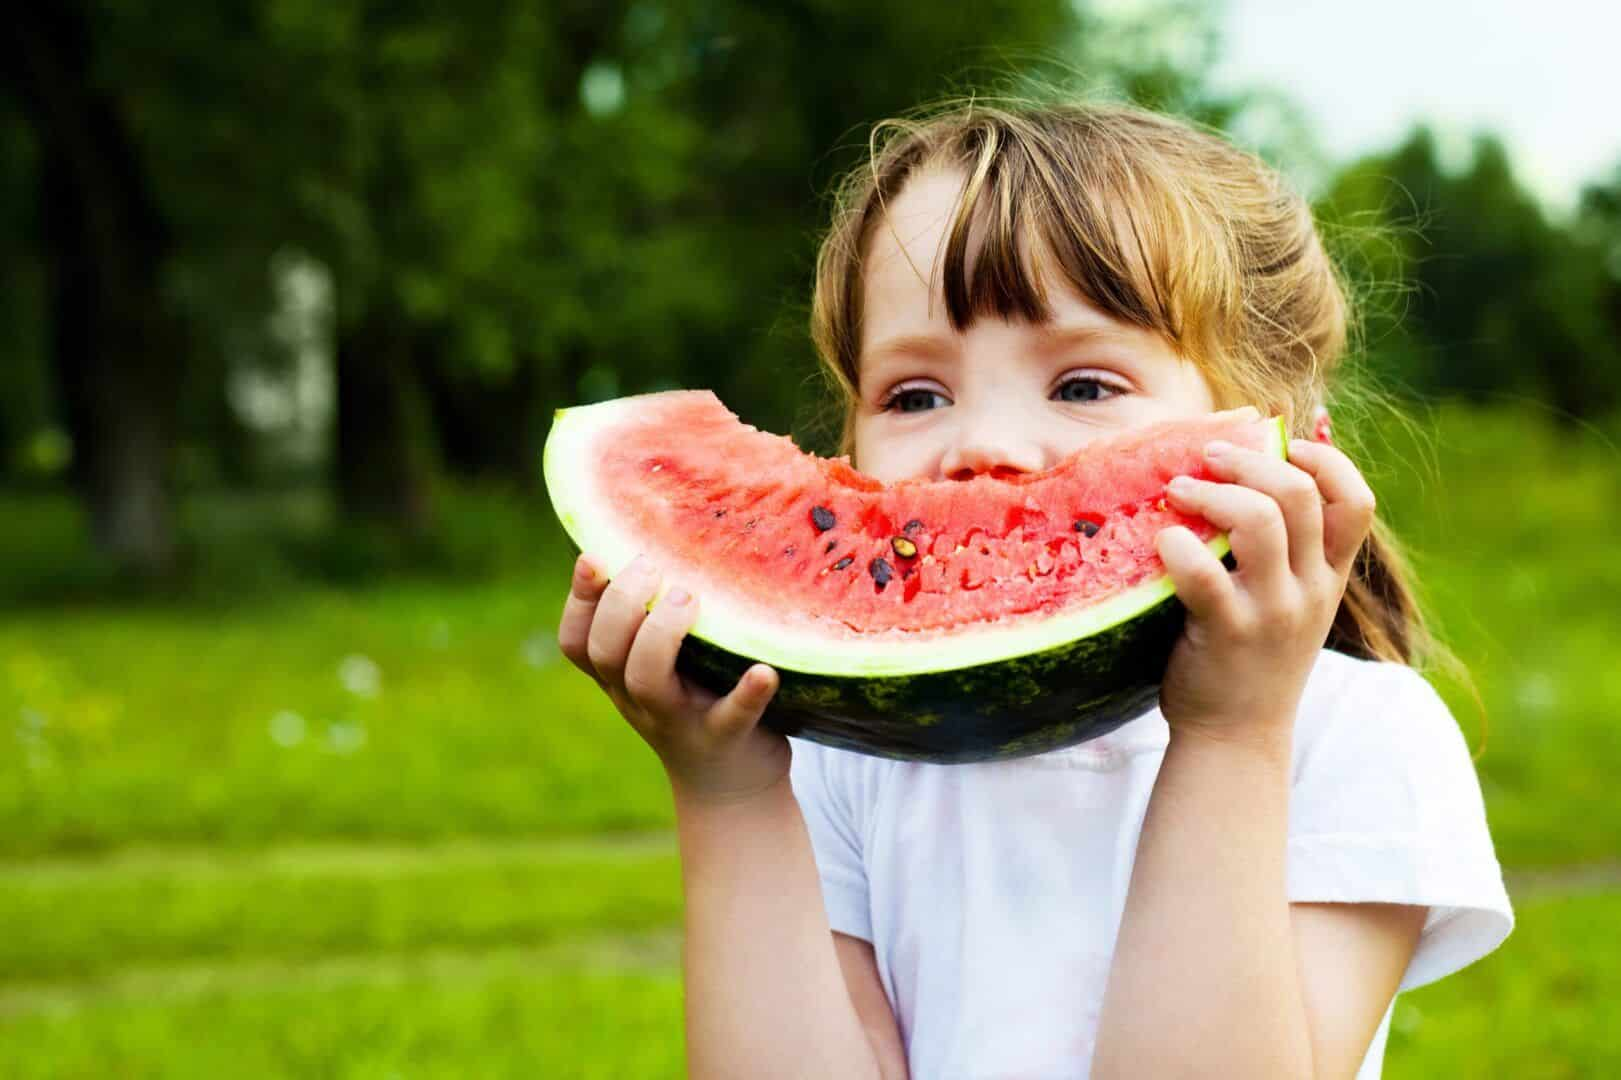 Benefícios da melancia - principais efeitos positivos da fruta na saúde